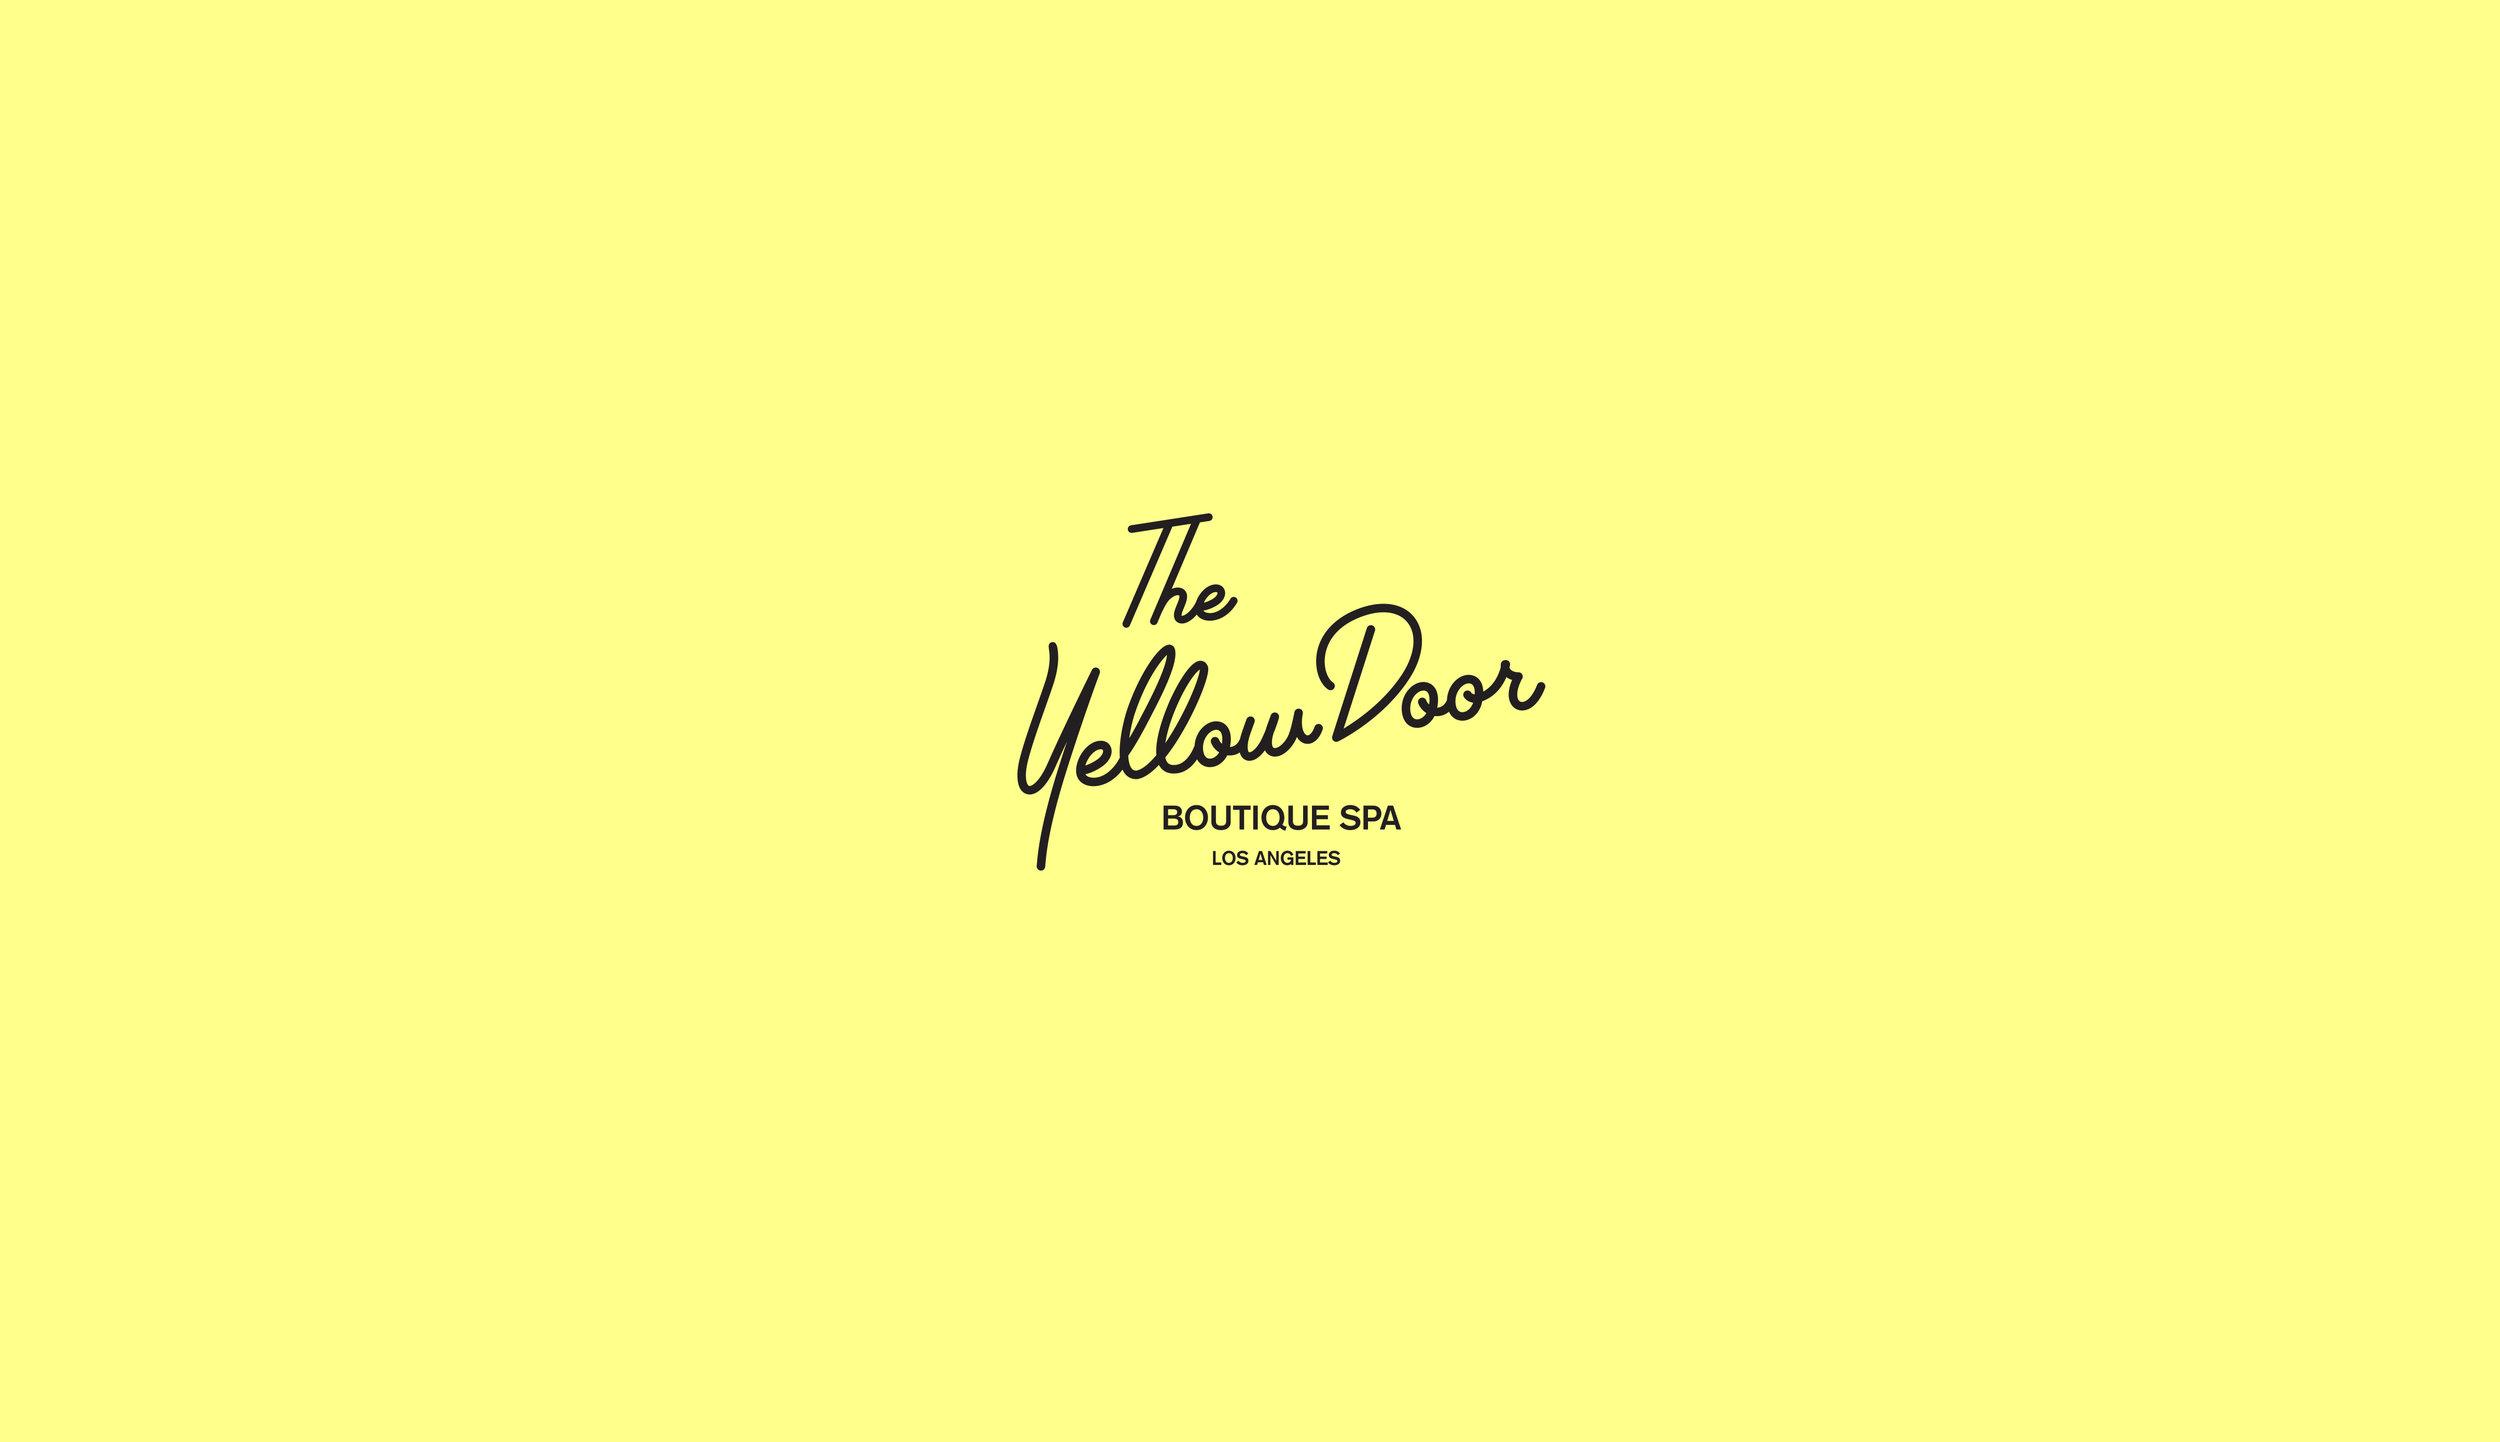 Yellow Door Spa.jpg